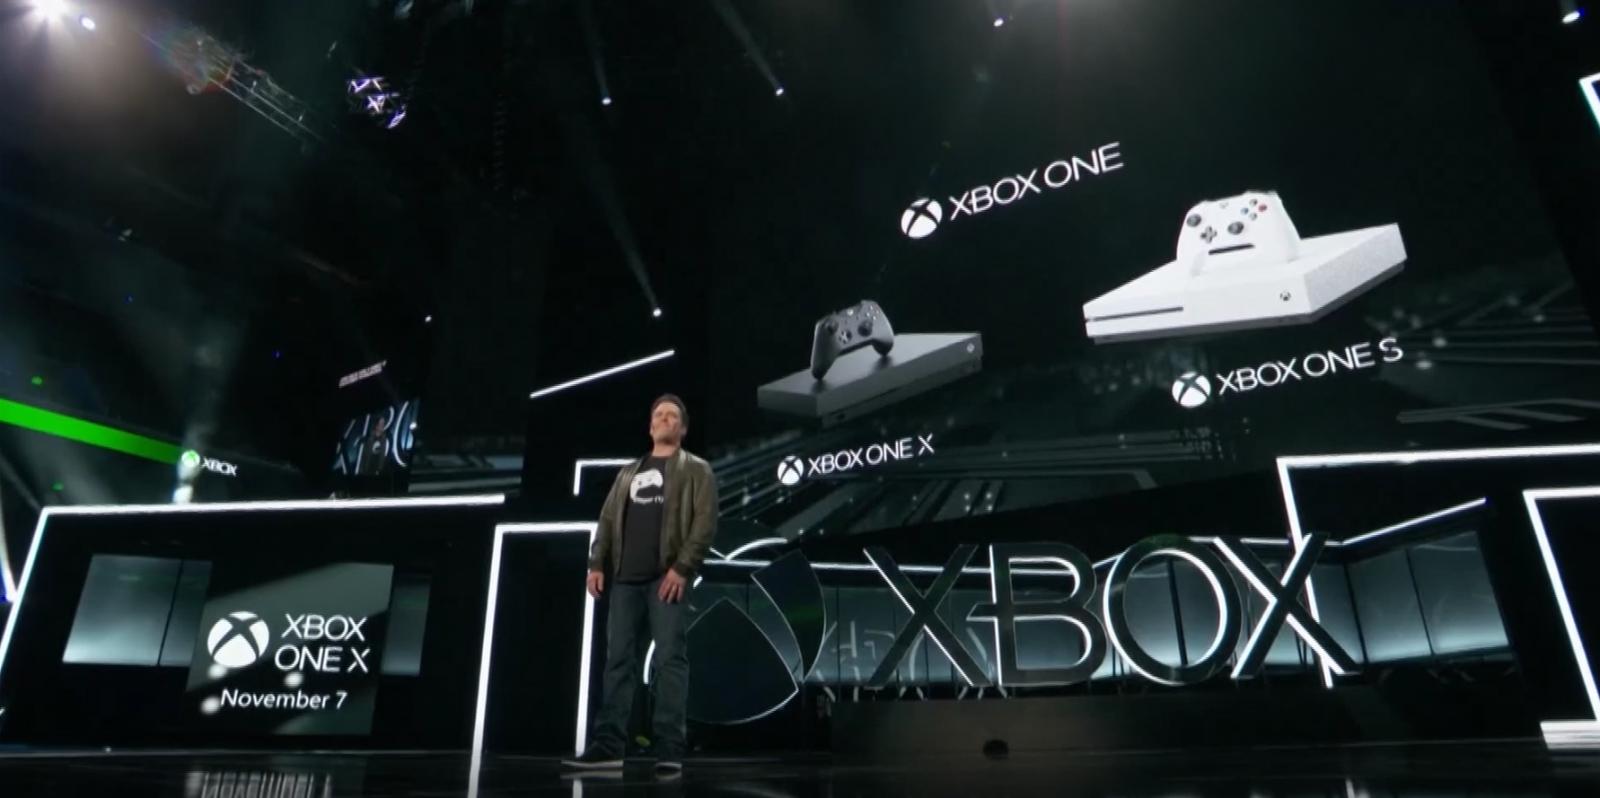 ไมโครซอฟต์เปิดตัว Xbox One X เกมคอนโซลประสิทธิภาพสูงสุด